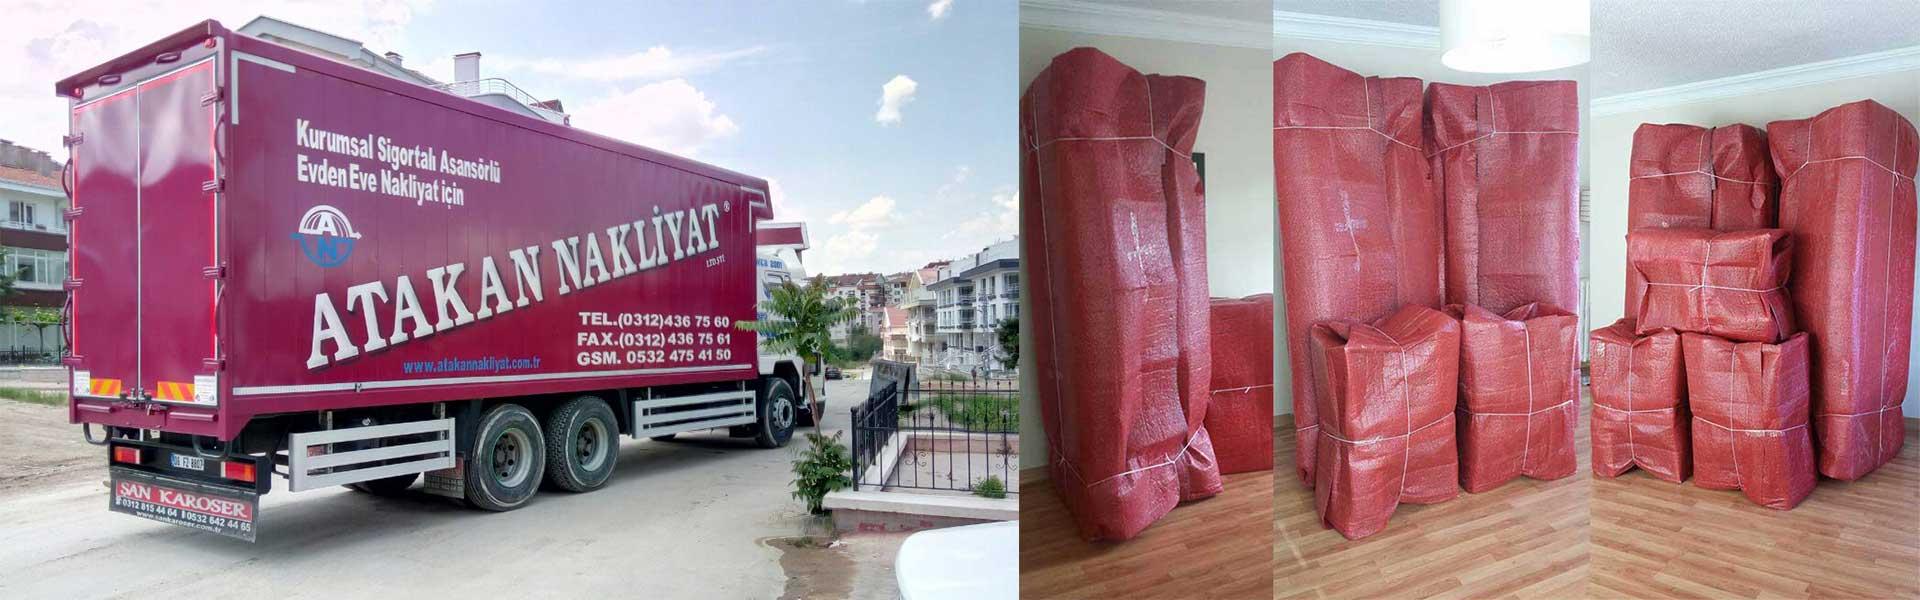 evden eve nakliyat ankara taşıma firmaları